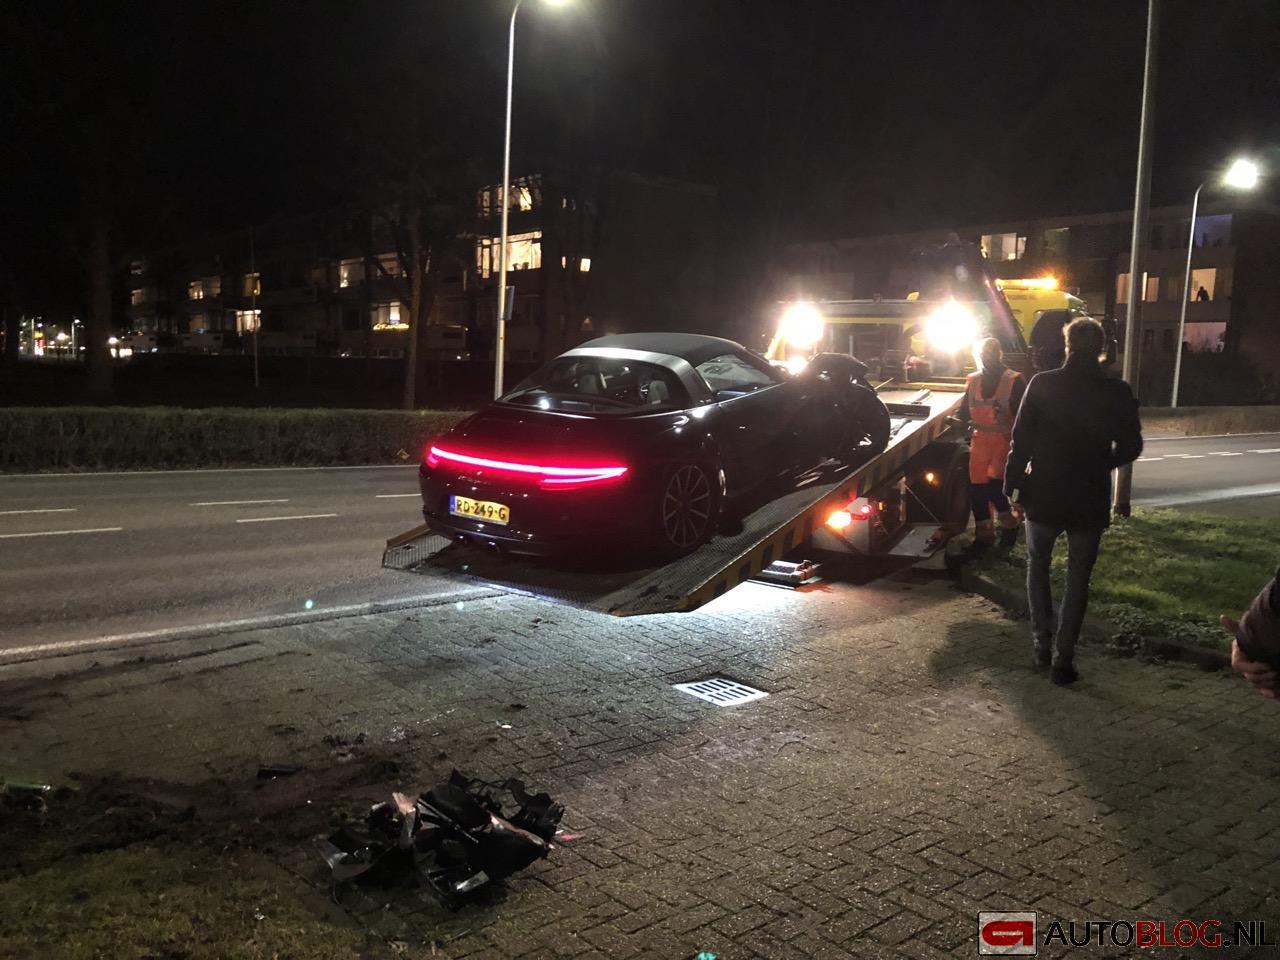 Porsche-911-Targa-4S-crash-Noordwijk-01.jpg